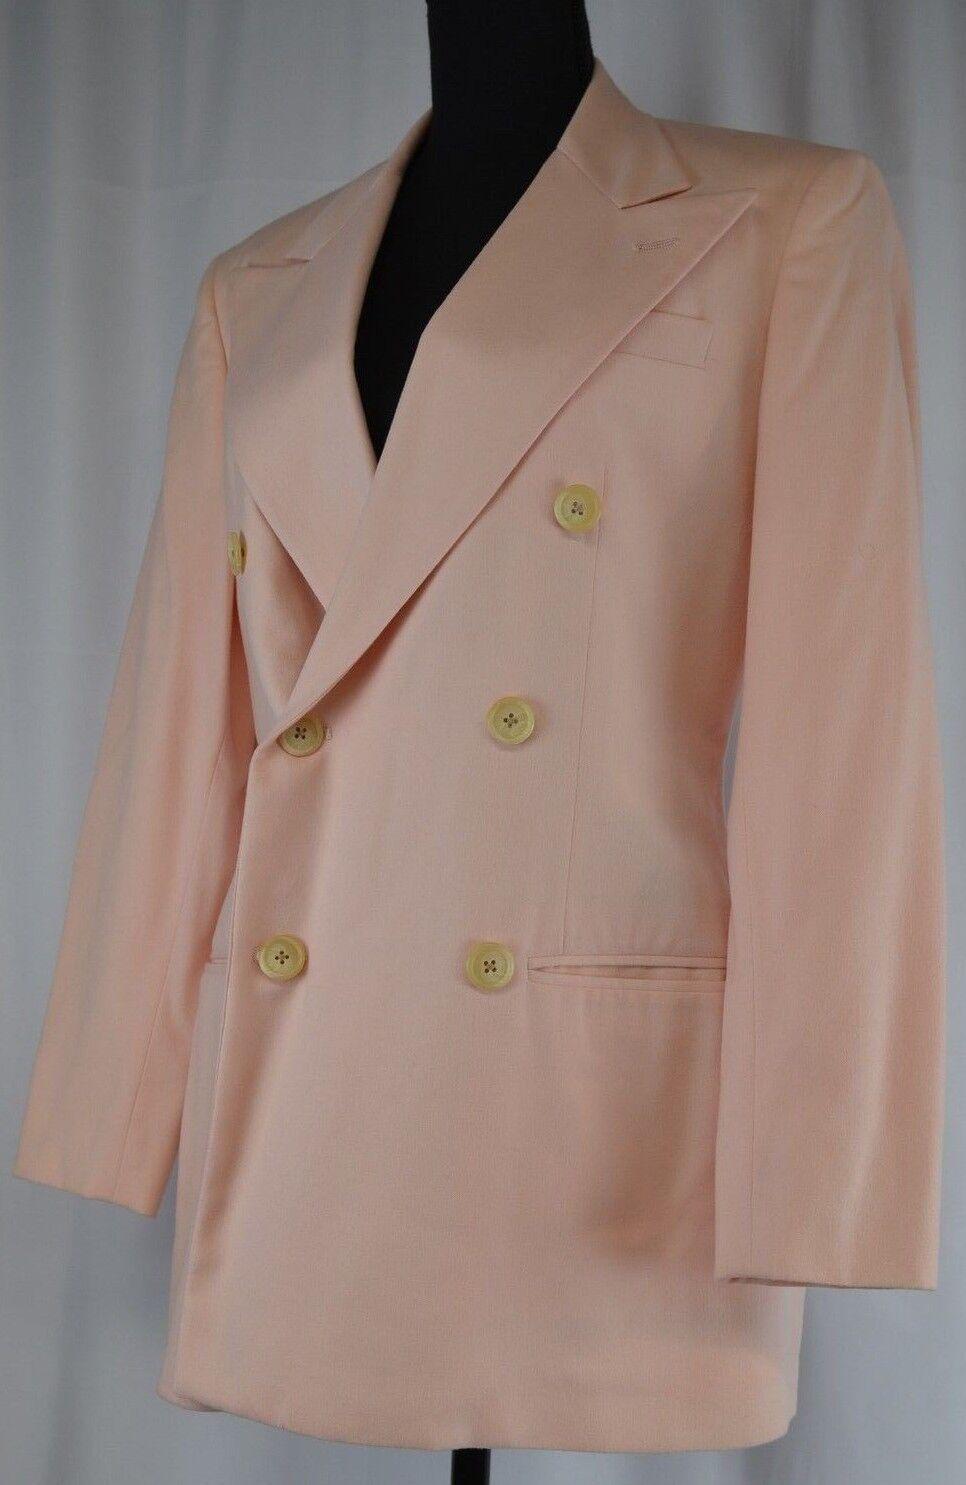 Ralph Lauren Women's Blazer Size 4 Pink Wool USA Career Double Breast Retro